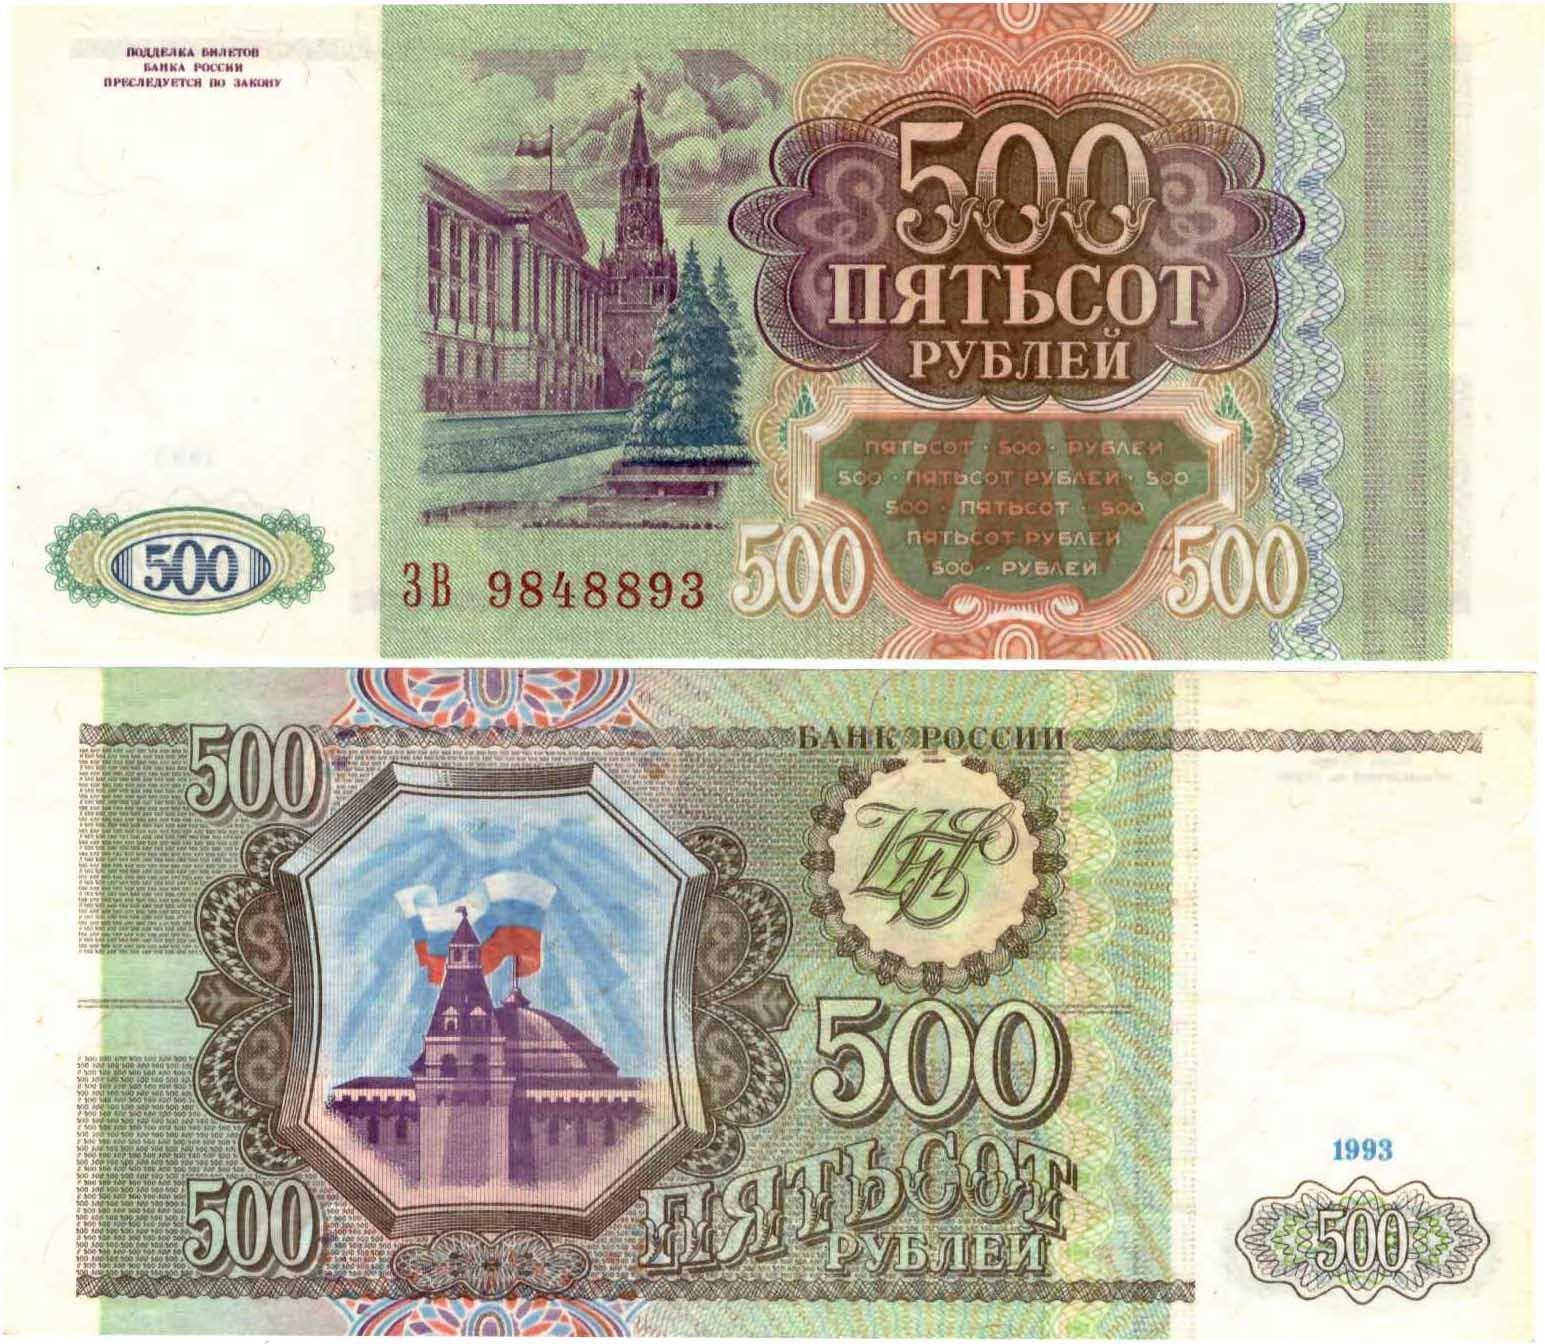 Банкнота 500 рублей 1993 год (серия ЗВ). XF